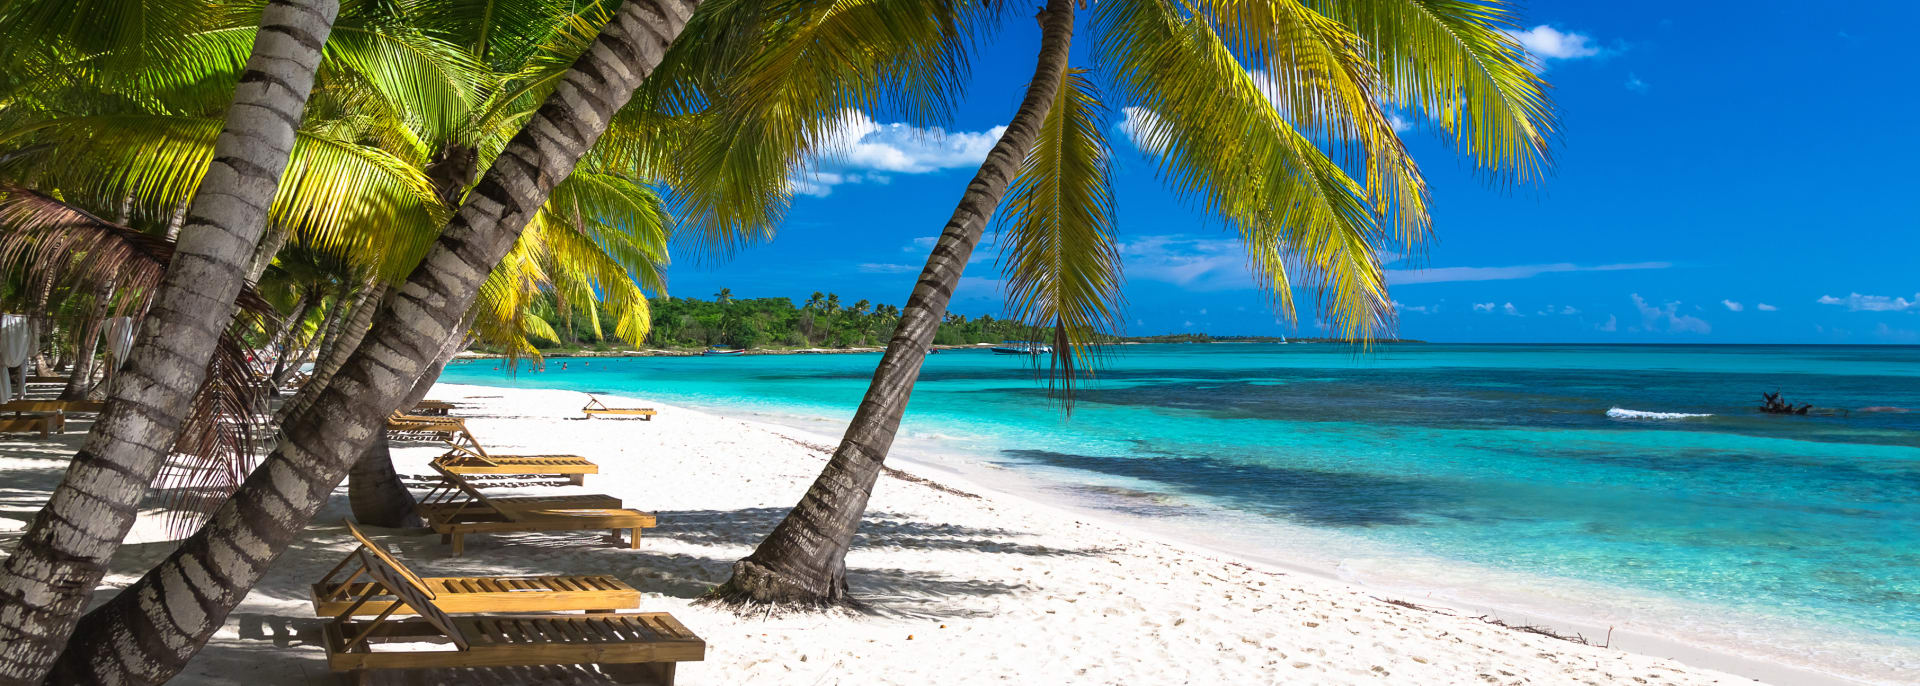 Tropischer Strand im Karibischen Meer, Saona Insel, Dominikanische Republik.